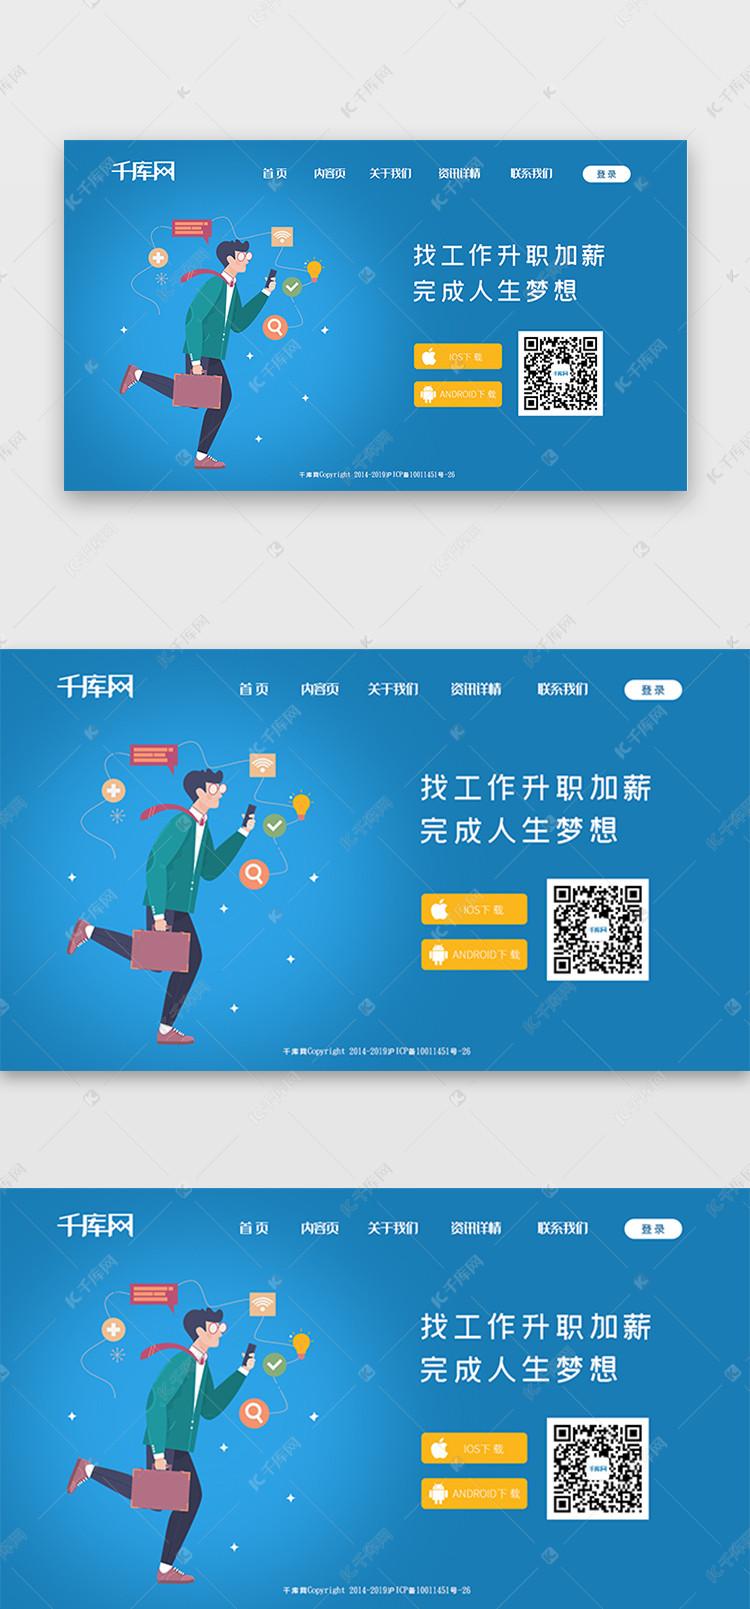 找工作软件二维码页面装修手机ui界面设计下载店乡村美甲设计图图片